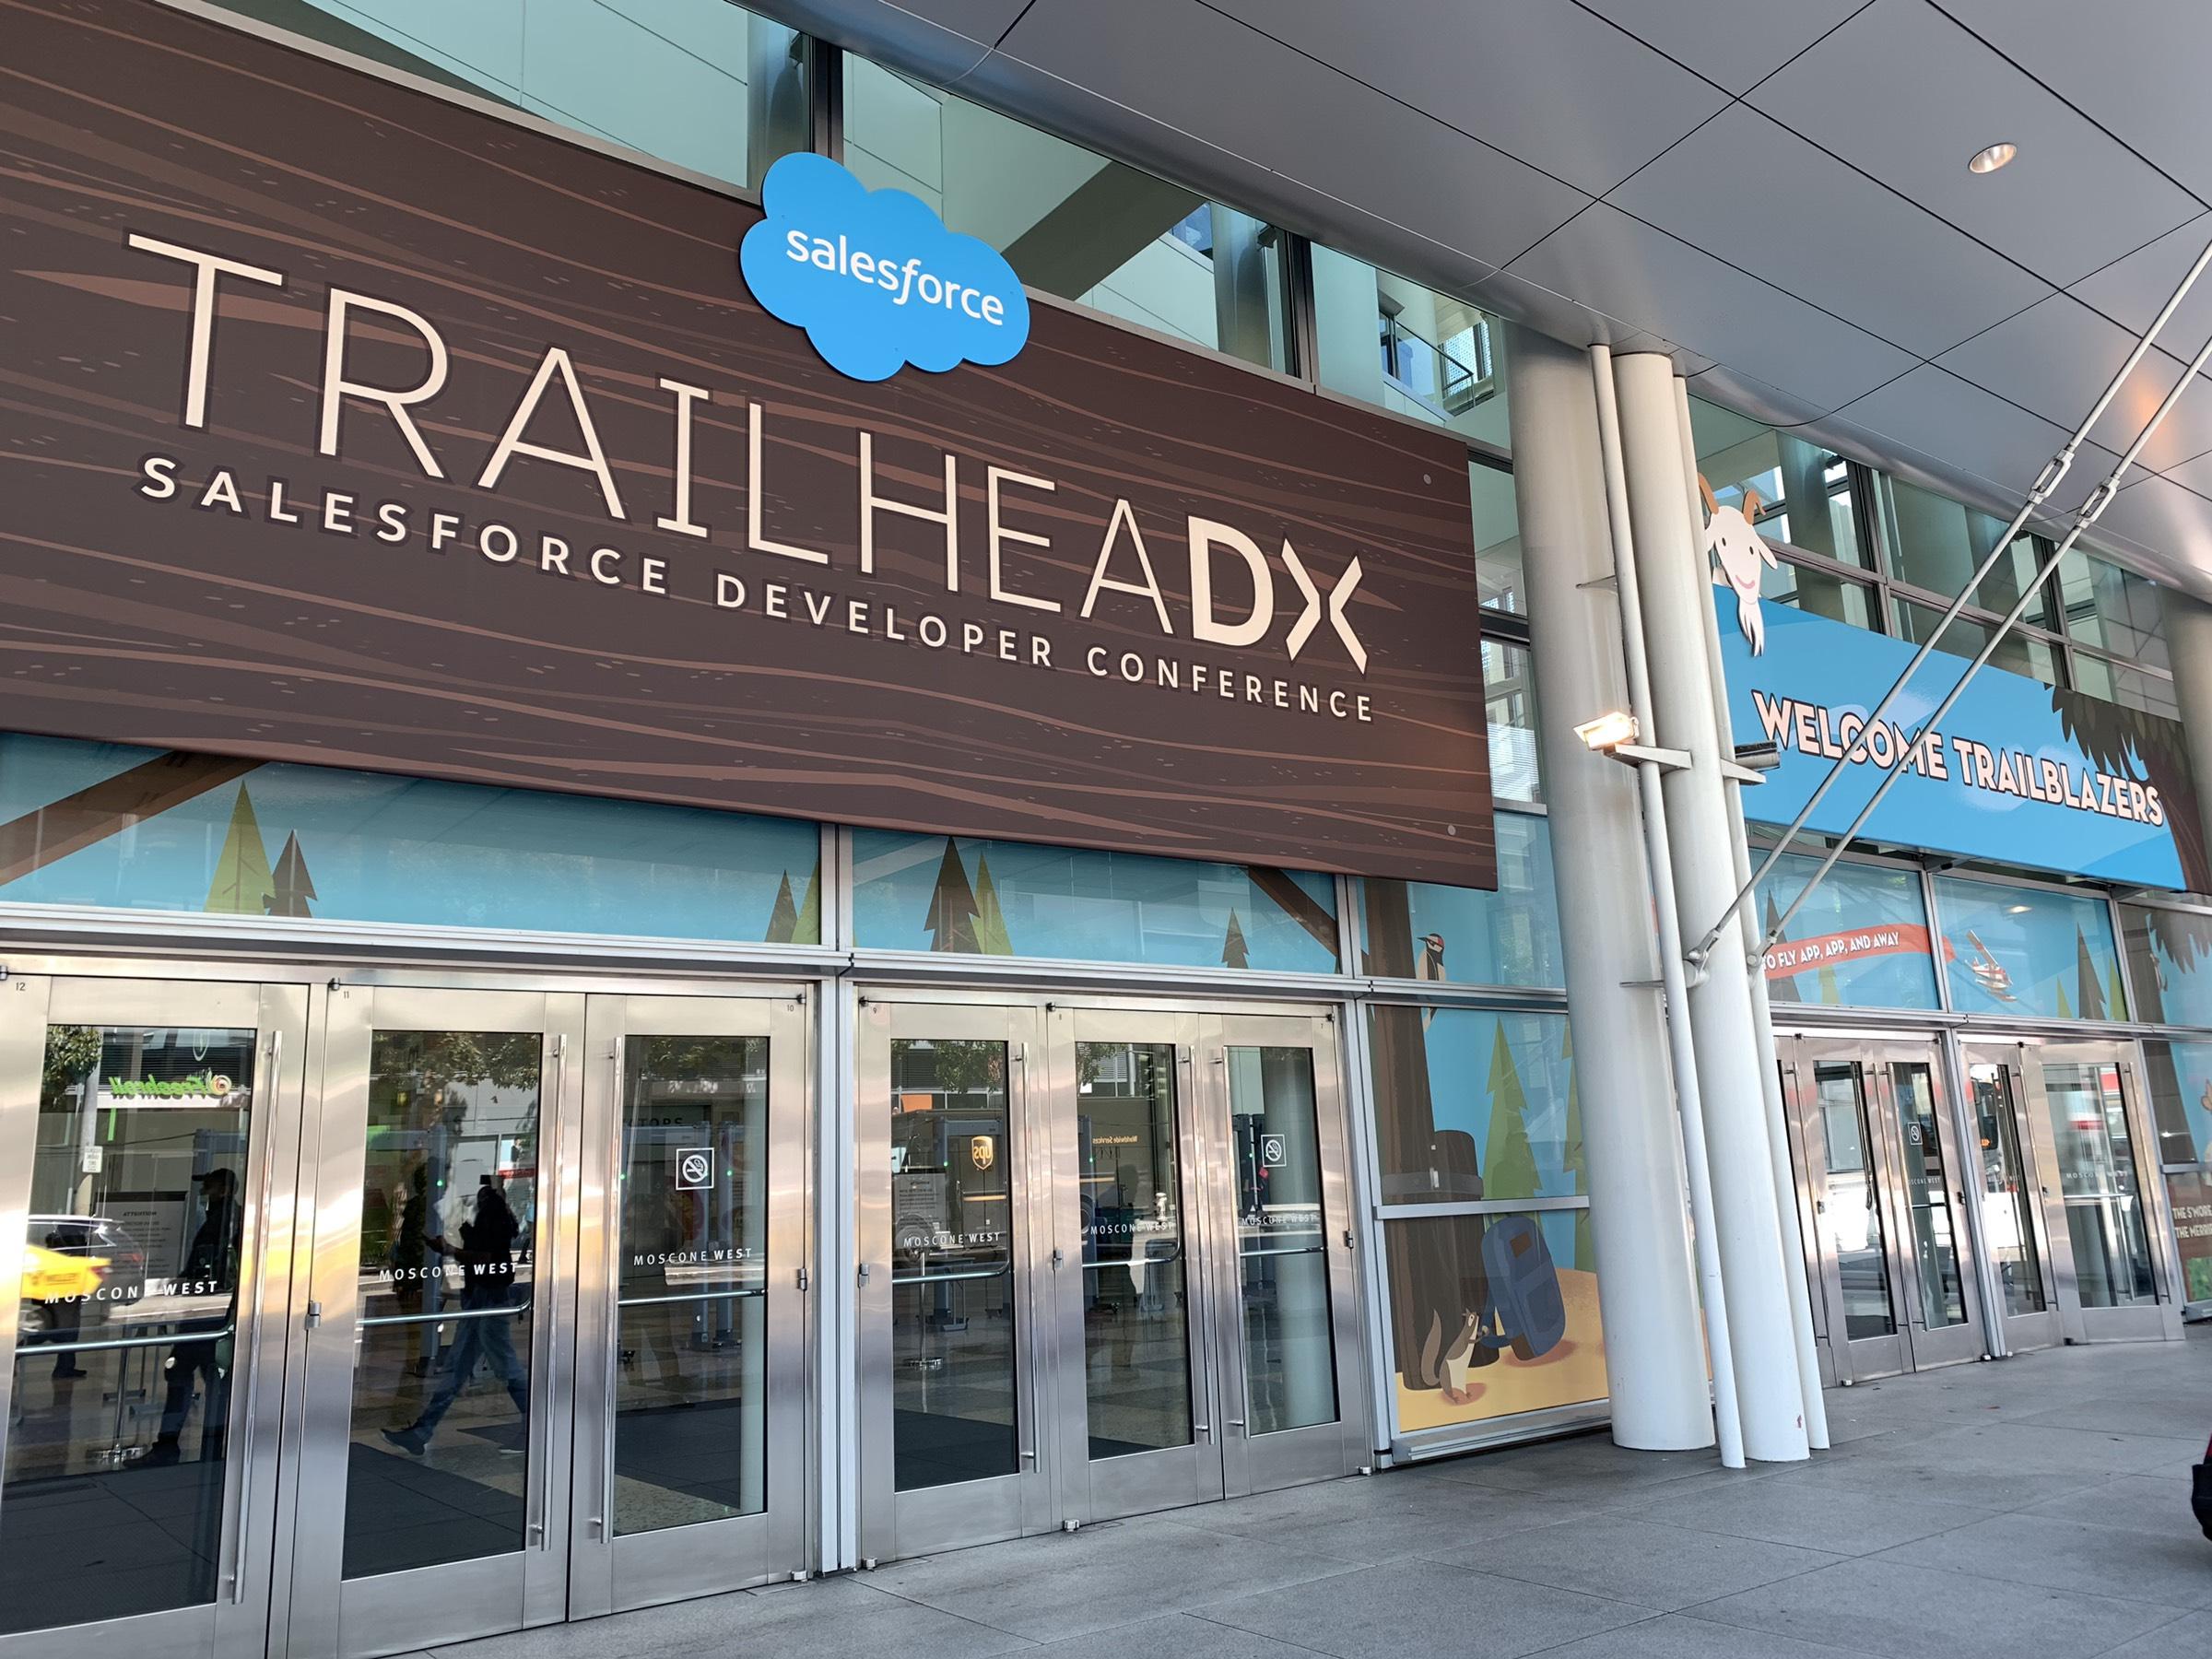 サンフランシスコへ行ってきた! 「Salesforce TrailheaDX '19」 参加レポート①